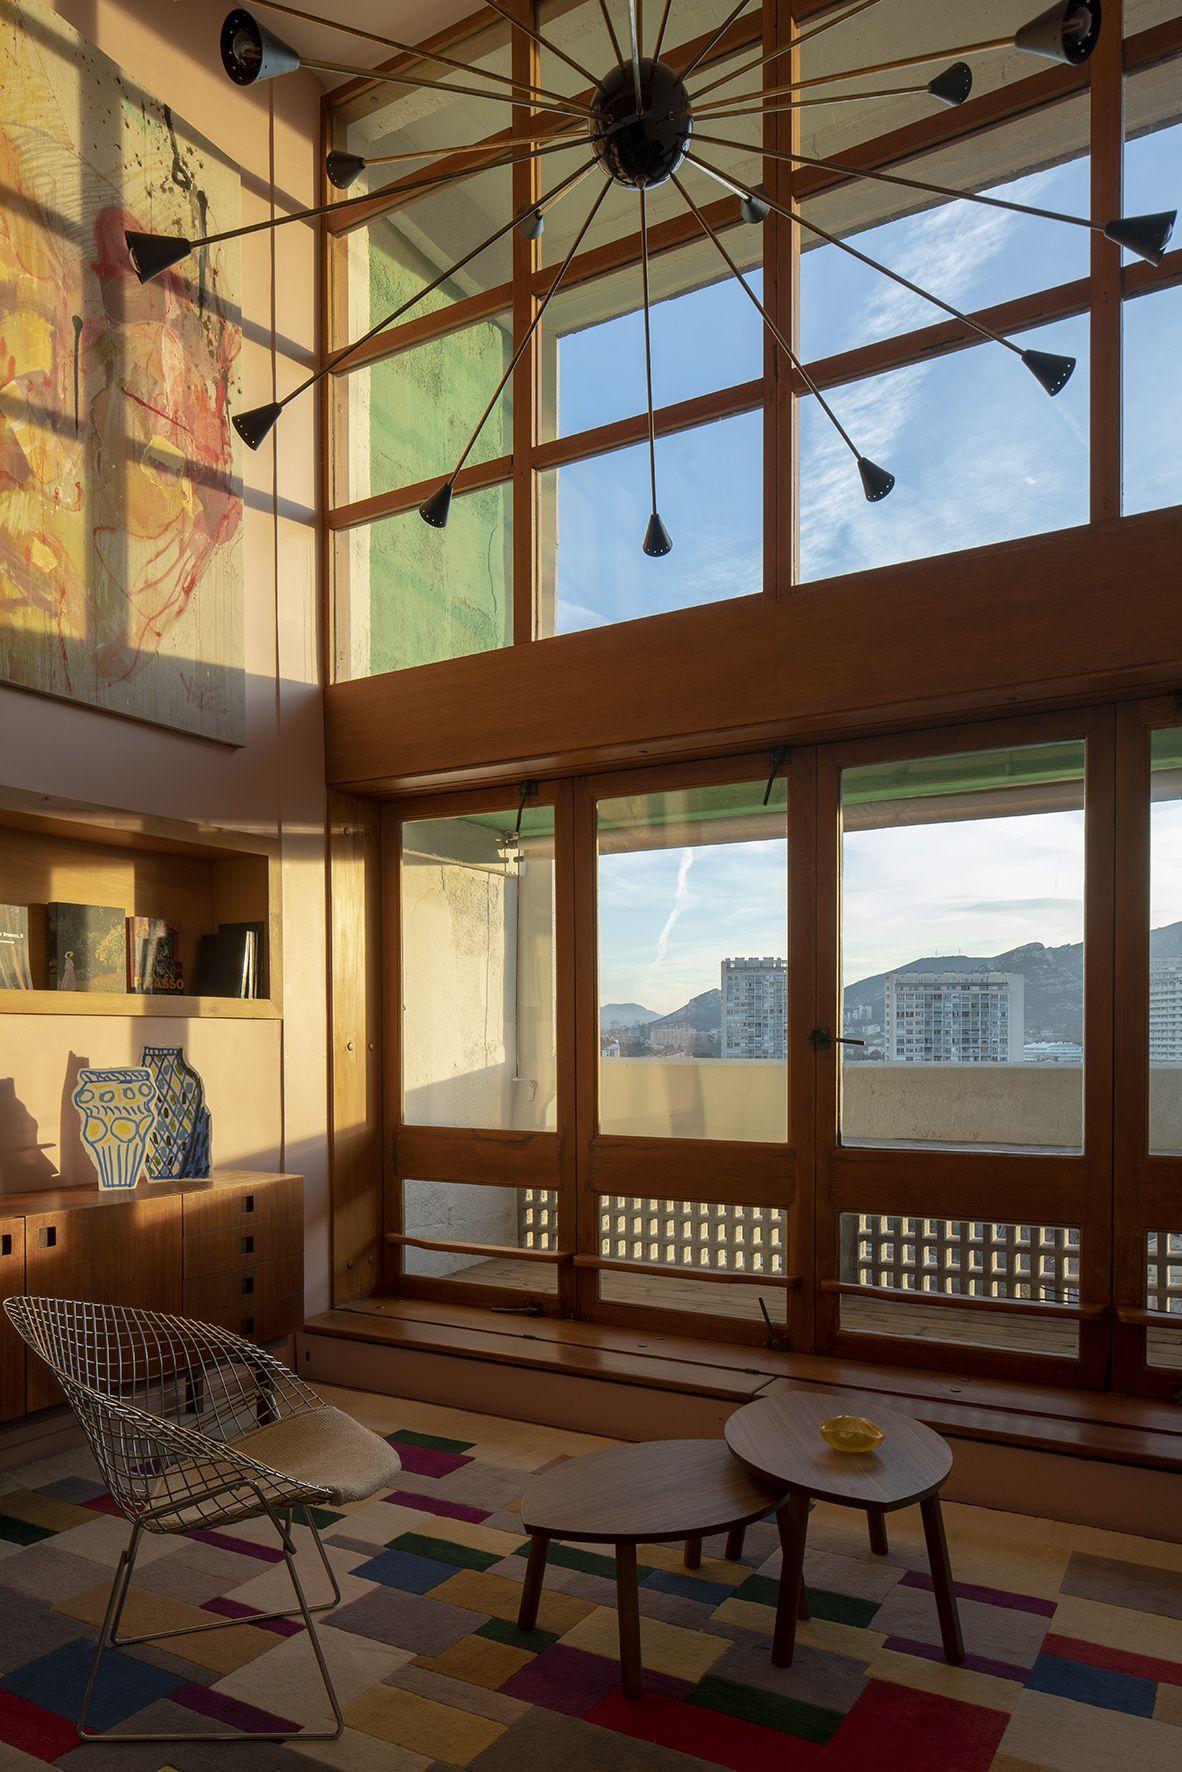 Épinglé Par Julien Fuentes Architecte D In Sur Appartement Corbusier Architecte Interieur Mouvement Moderne Maison D Architecture